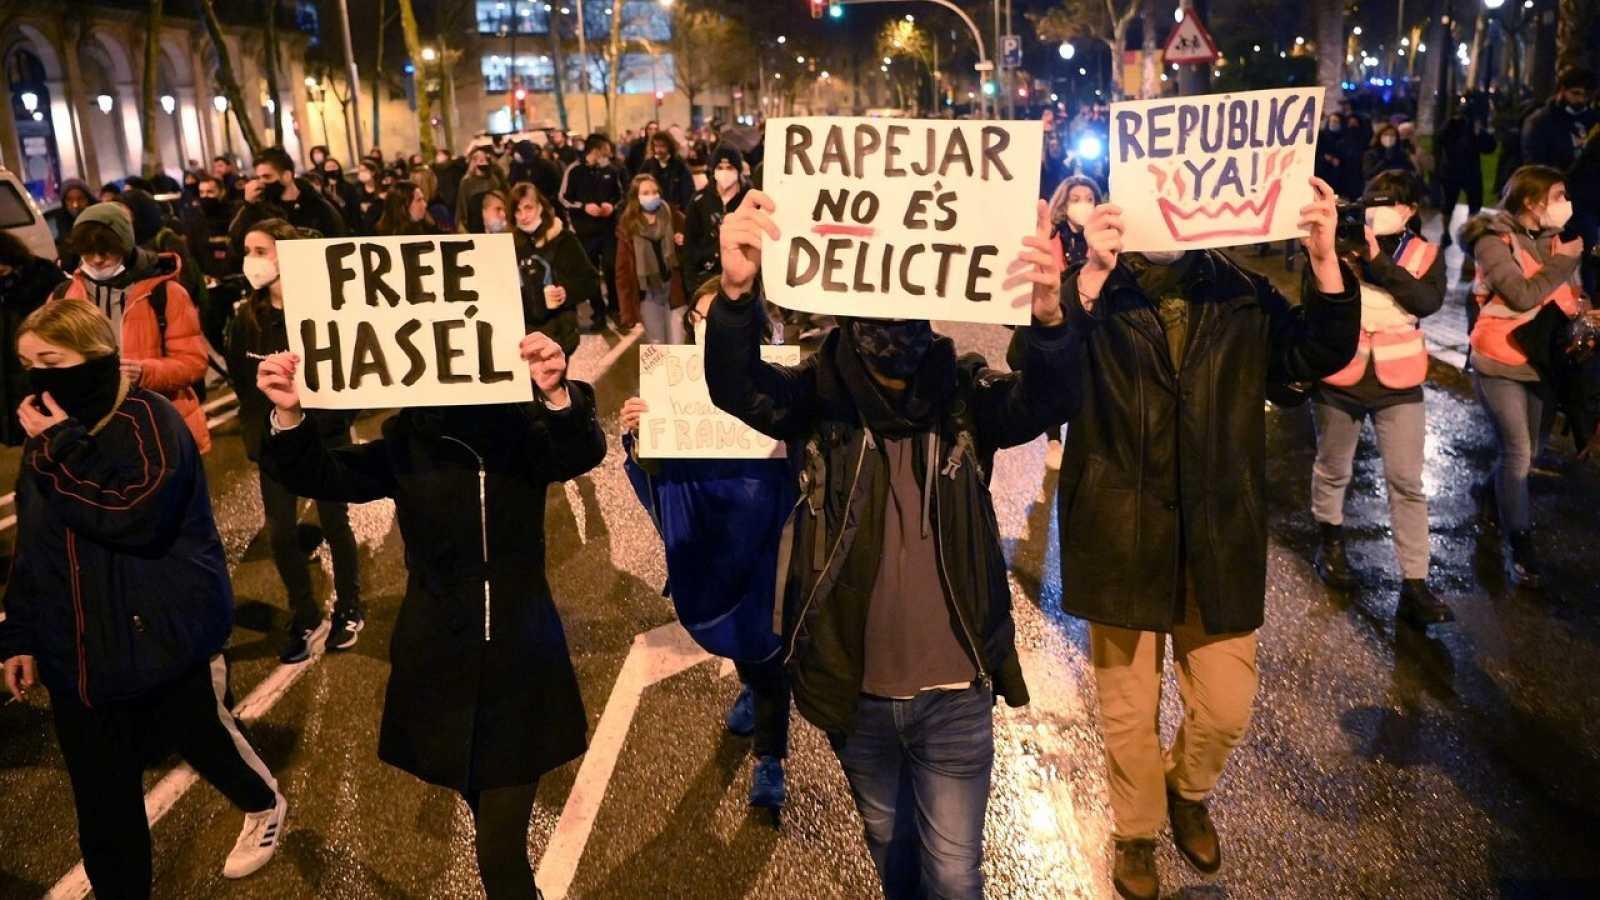 Séptima noche de protestas en Barcelona en contra del encarcelamiento del rapero Pablo Hasel